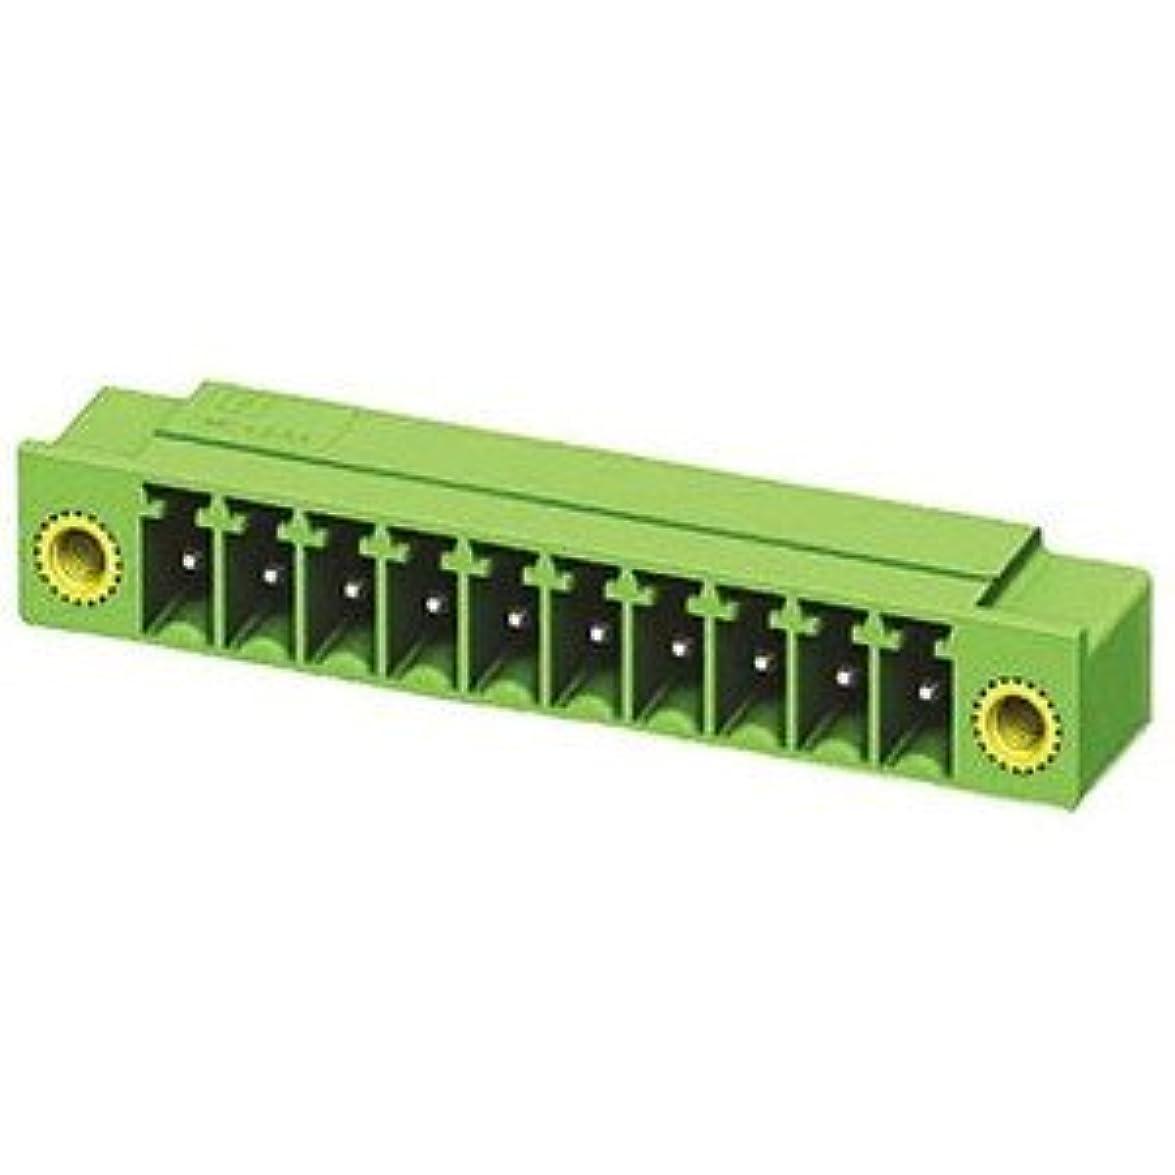 チートガム抗議Phoenix Contact 基板用端子台 3.5mmピッチ 1列 4極 緑 1817631